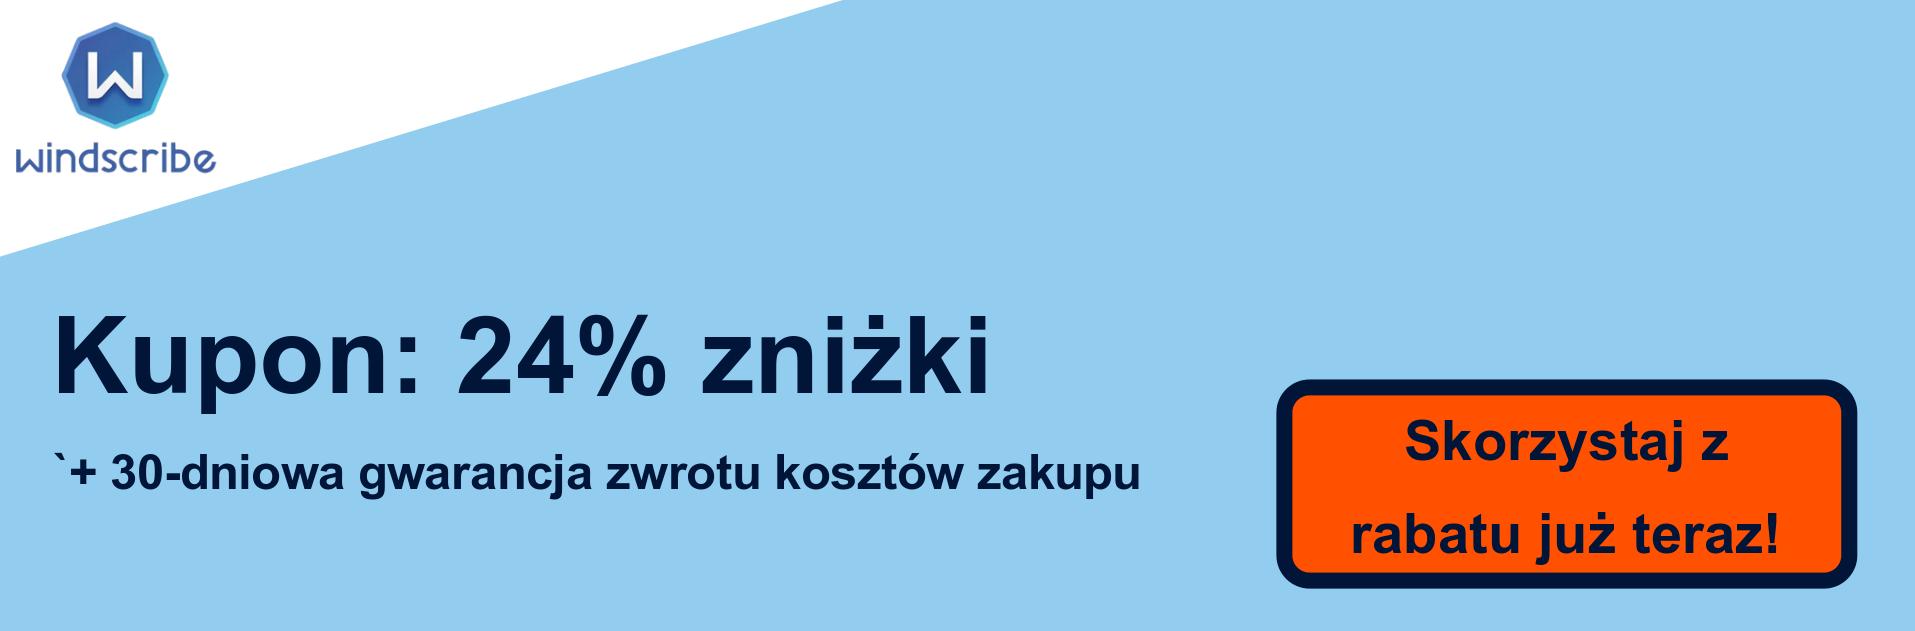 Baner kuponu WindScribe VPN - 24% zniżki